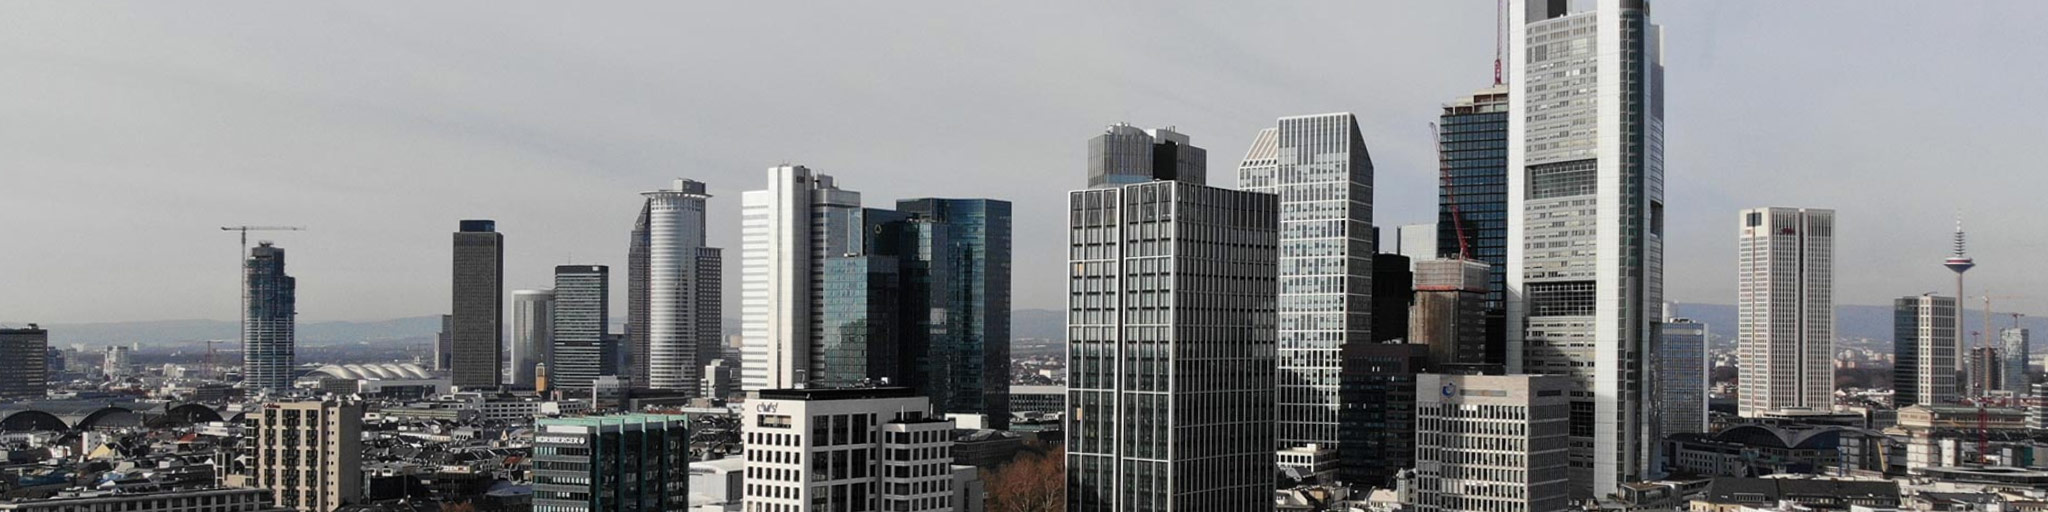 Immobilien Werbung Frankfurt - Skyline und Architektur - Hochhäuser und Wolkenkratzer - Onlinewerbung im Immobilienportal